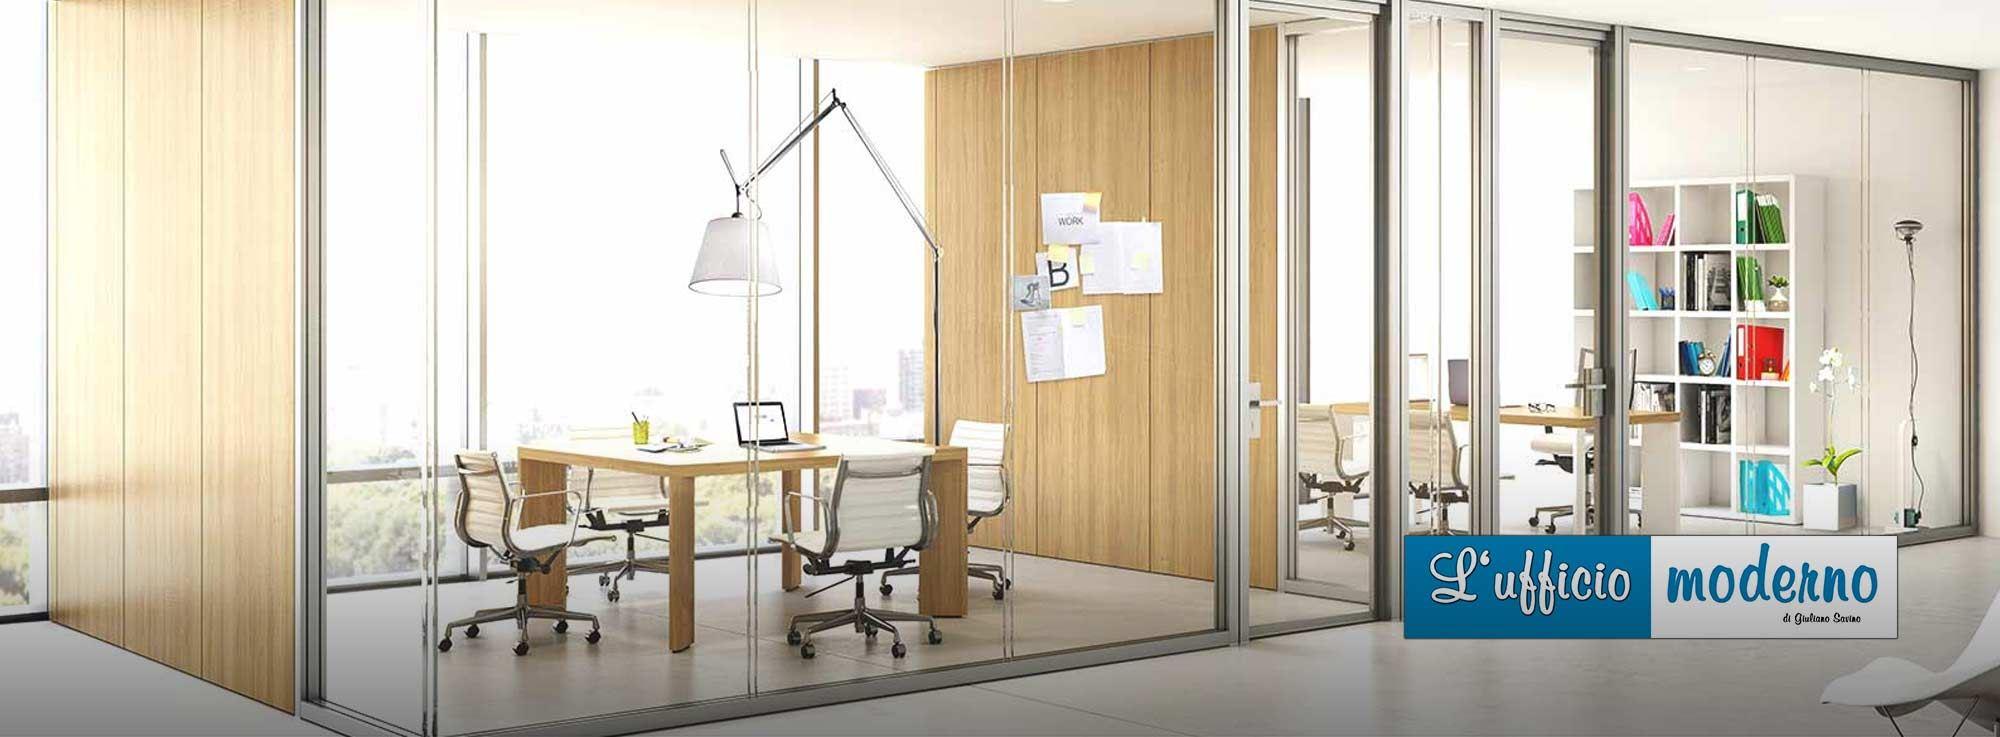 L'ufficio moderno Trinitapoli